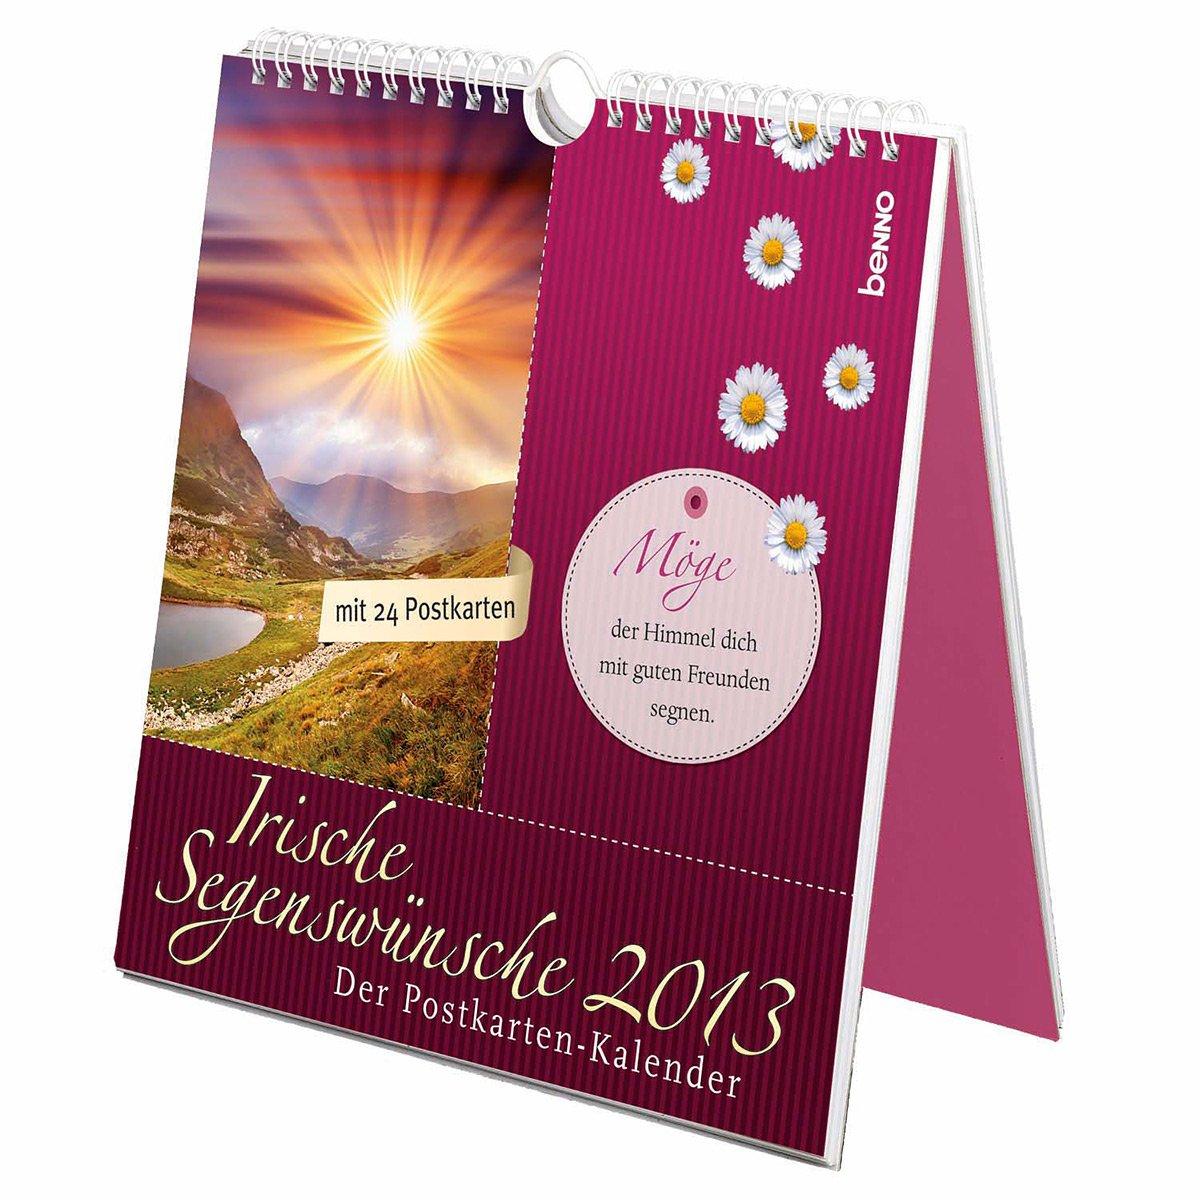 Irische Segenswünsche 2013: Der Postkarten-Kalender